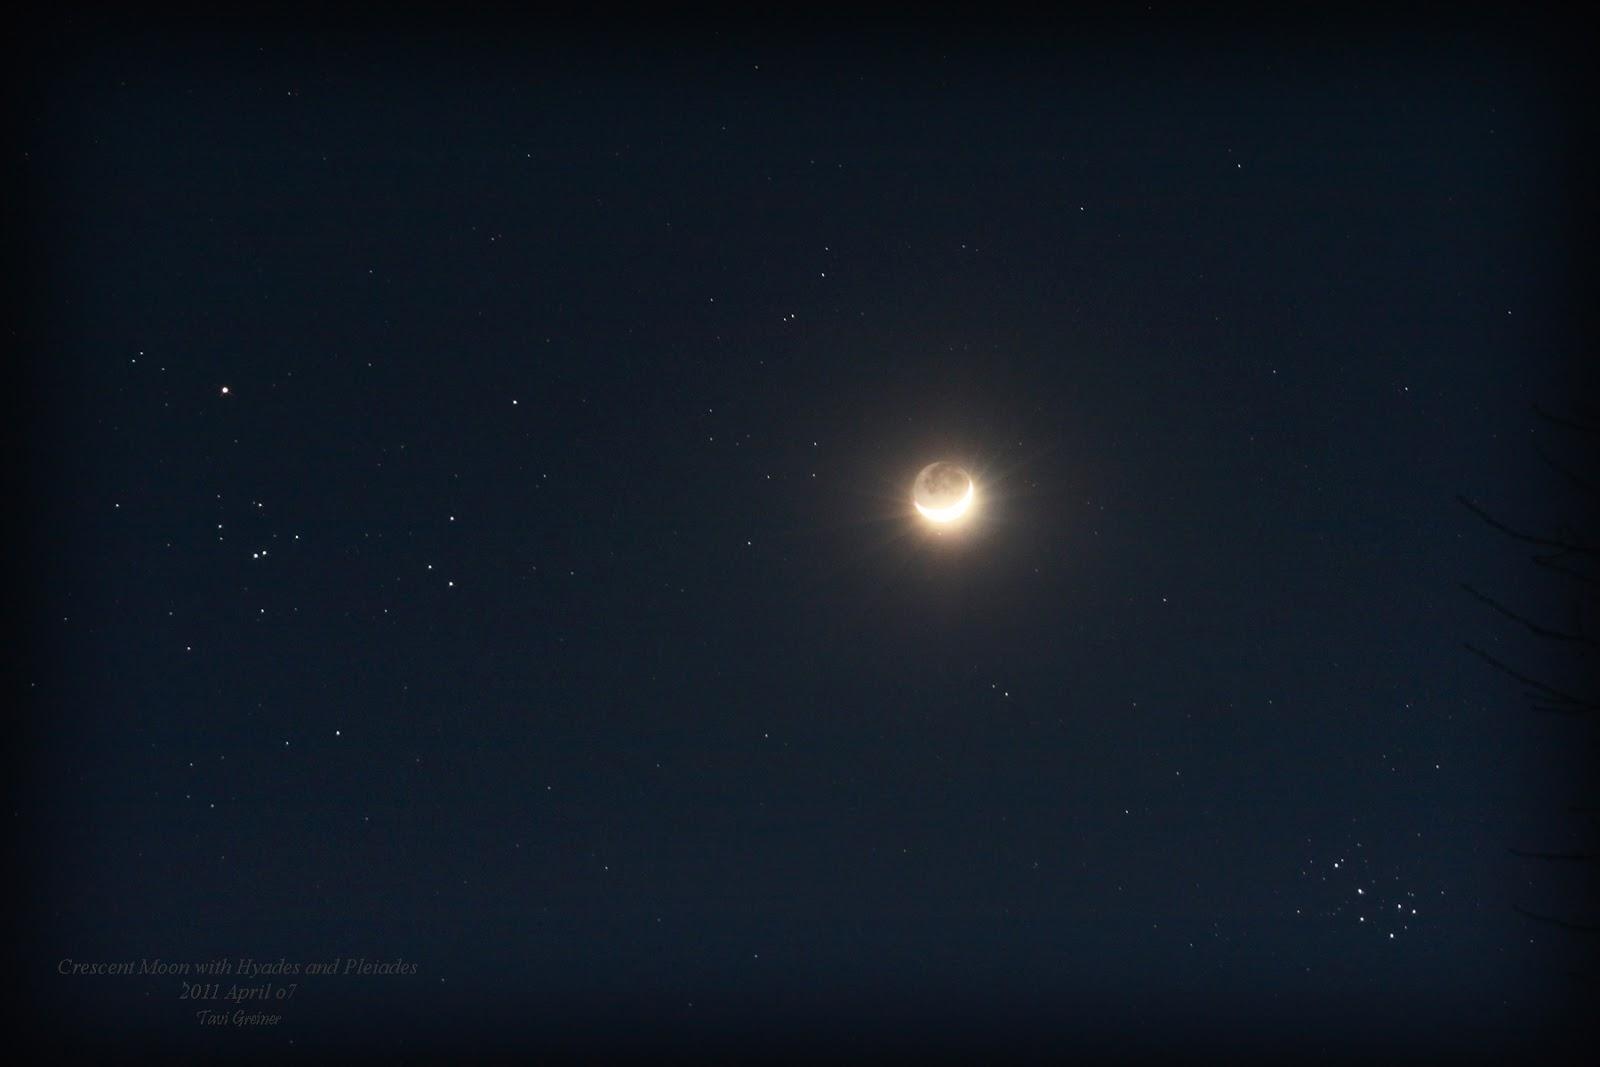 Trăng non đầu tháng cùng vơi cụm sao Hyades ở bên trái và cụm sao Pleiades ở bên phải vào ngày 7 tháng tư năm 2011. Tác giả : Tavi Greiner.